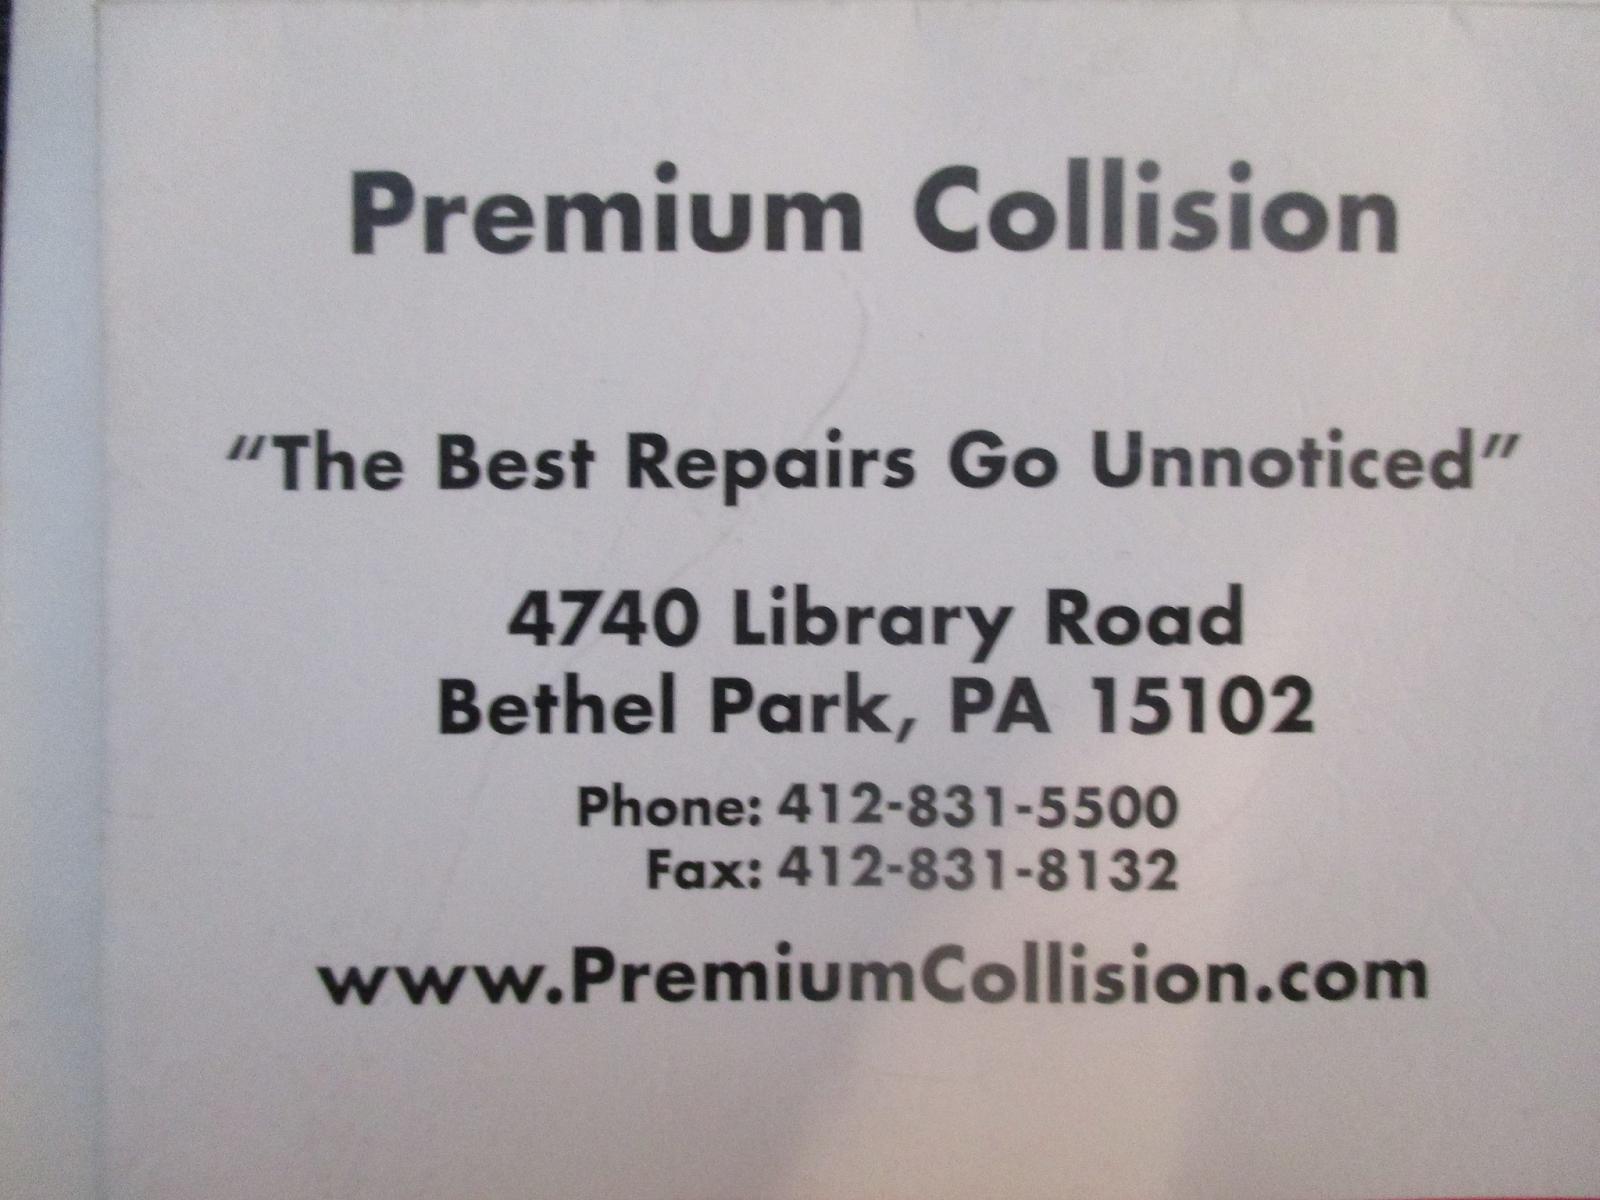 Premium Collision